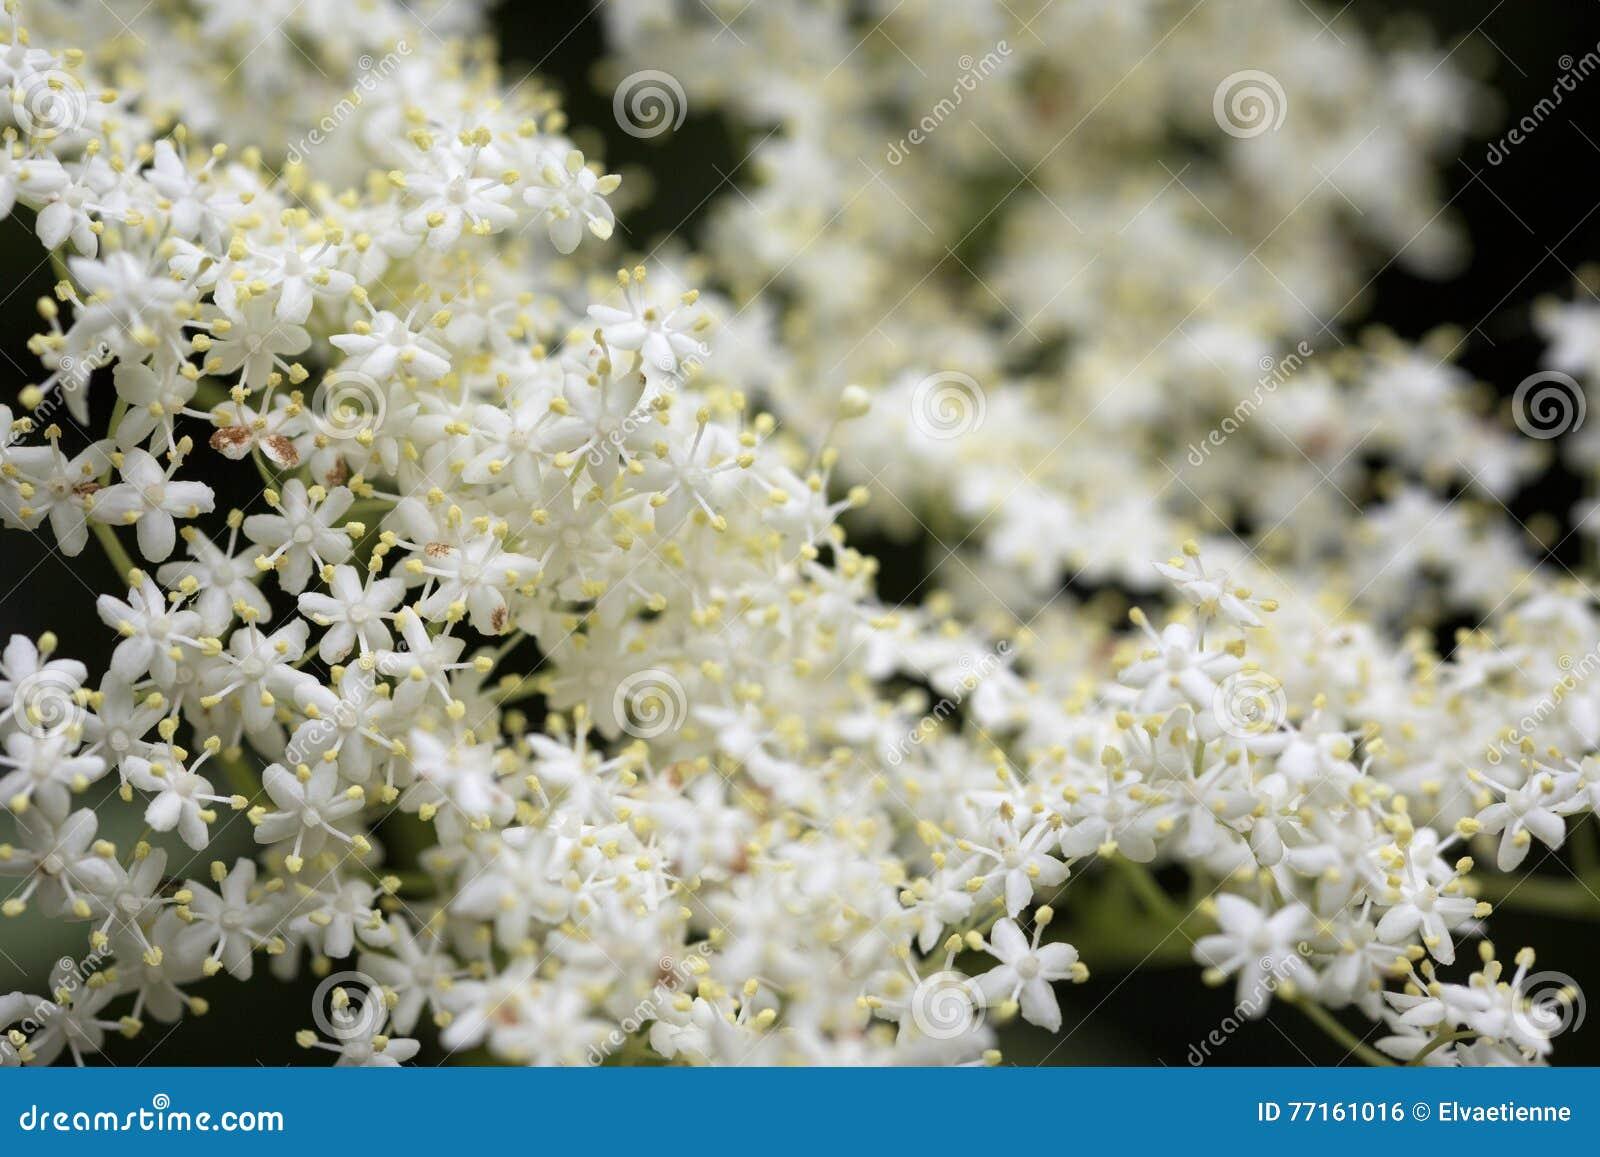 Fleurs blanches de fleur de sureau